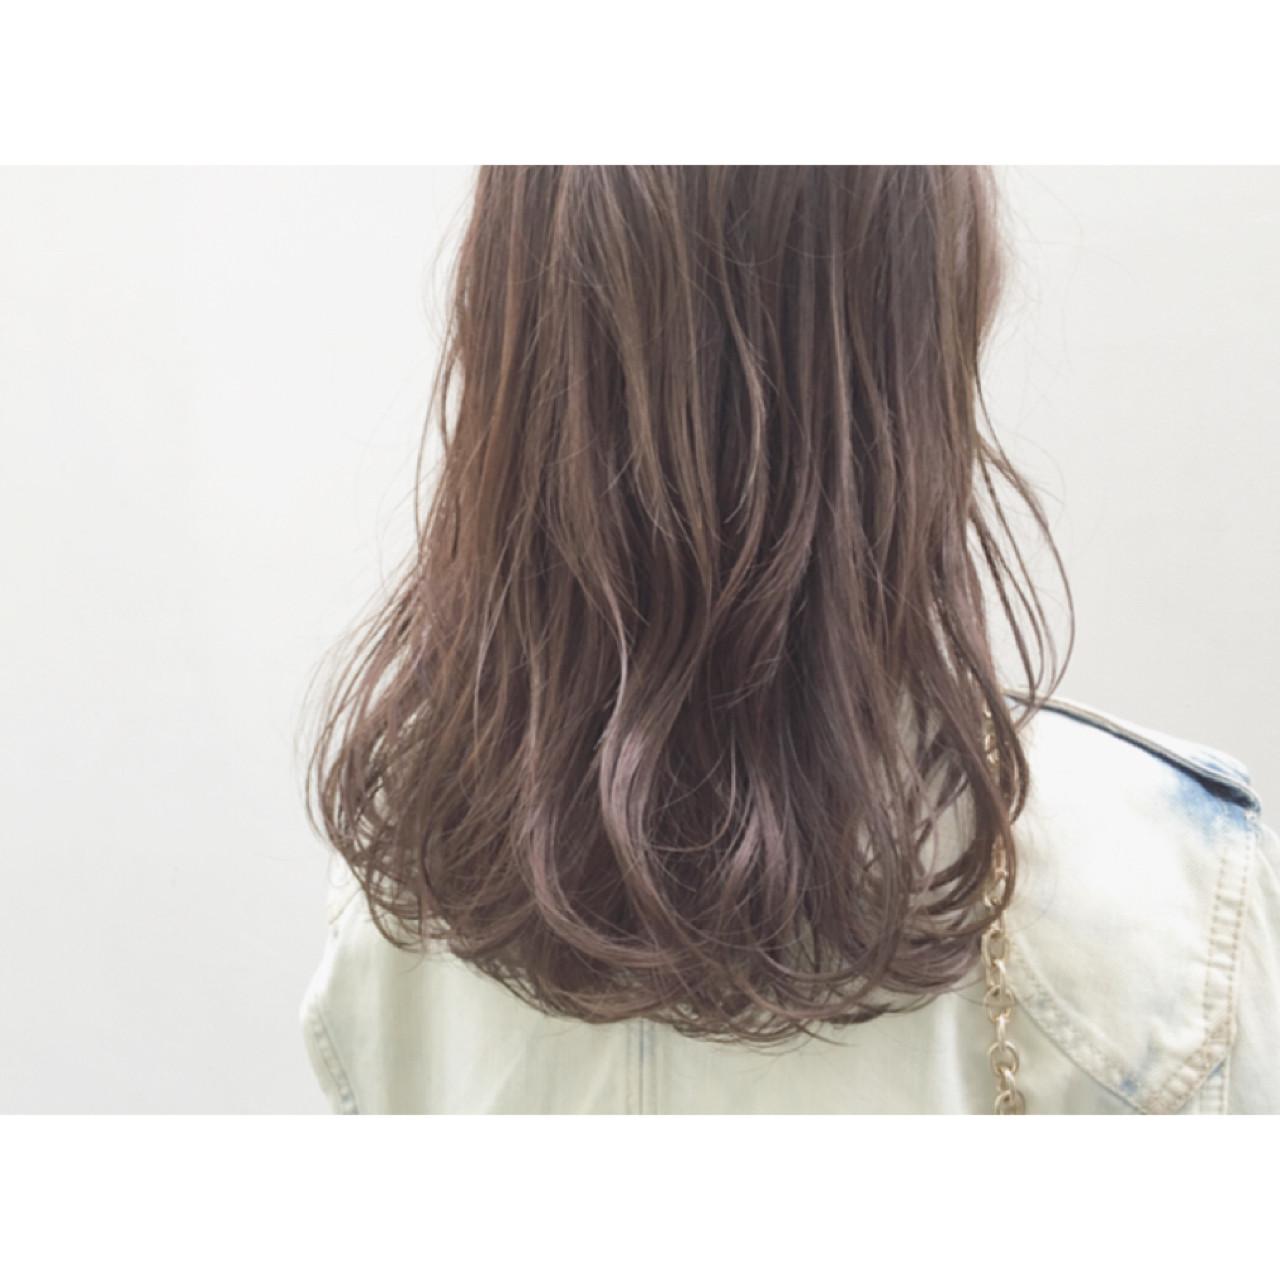 コンサバ イルミナカラー 暗髪 ブラウン ヘアスタイルや髪型の写真・画像 | 安達 優生 / U-REALM(ユーレルム)